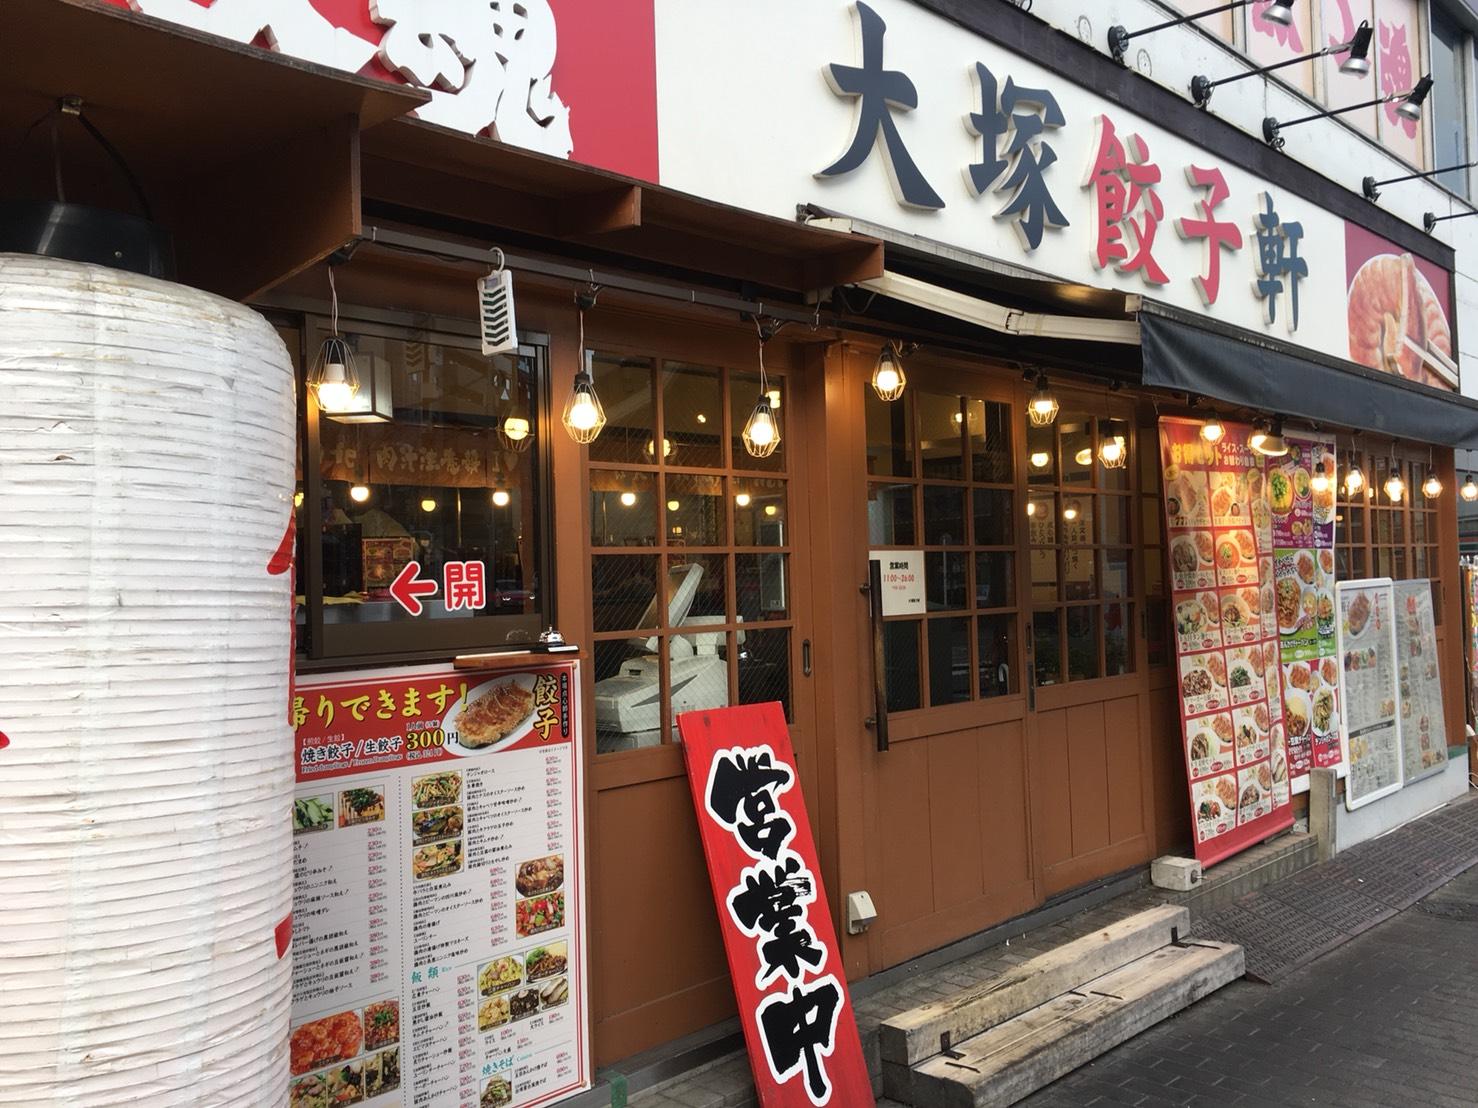 味噌ダレも美味!「大塚餃子軒」でサクッと中華